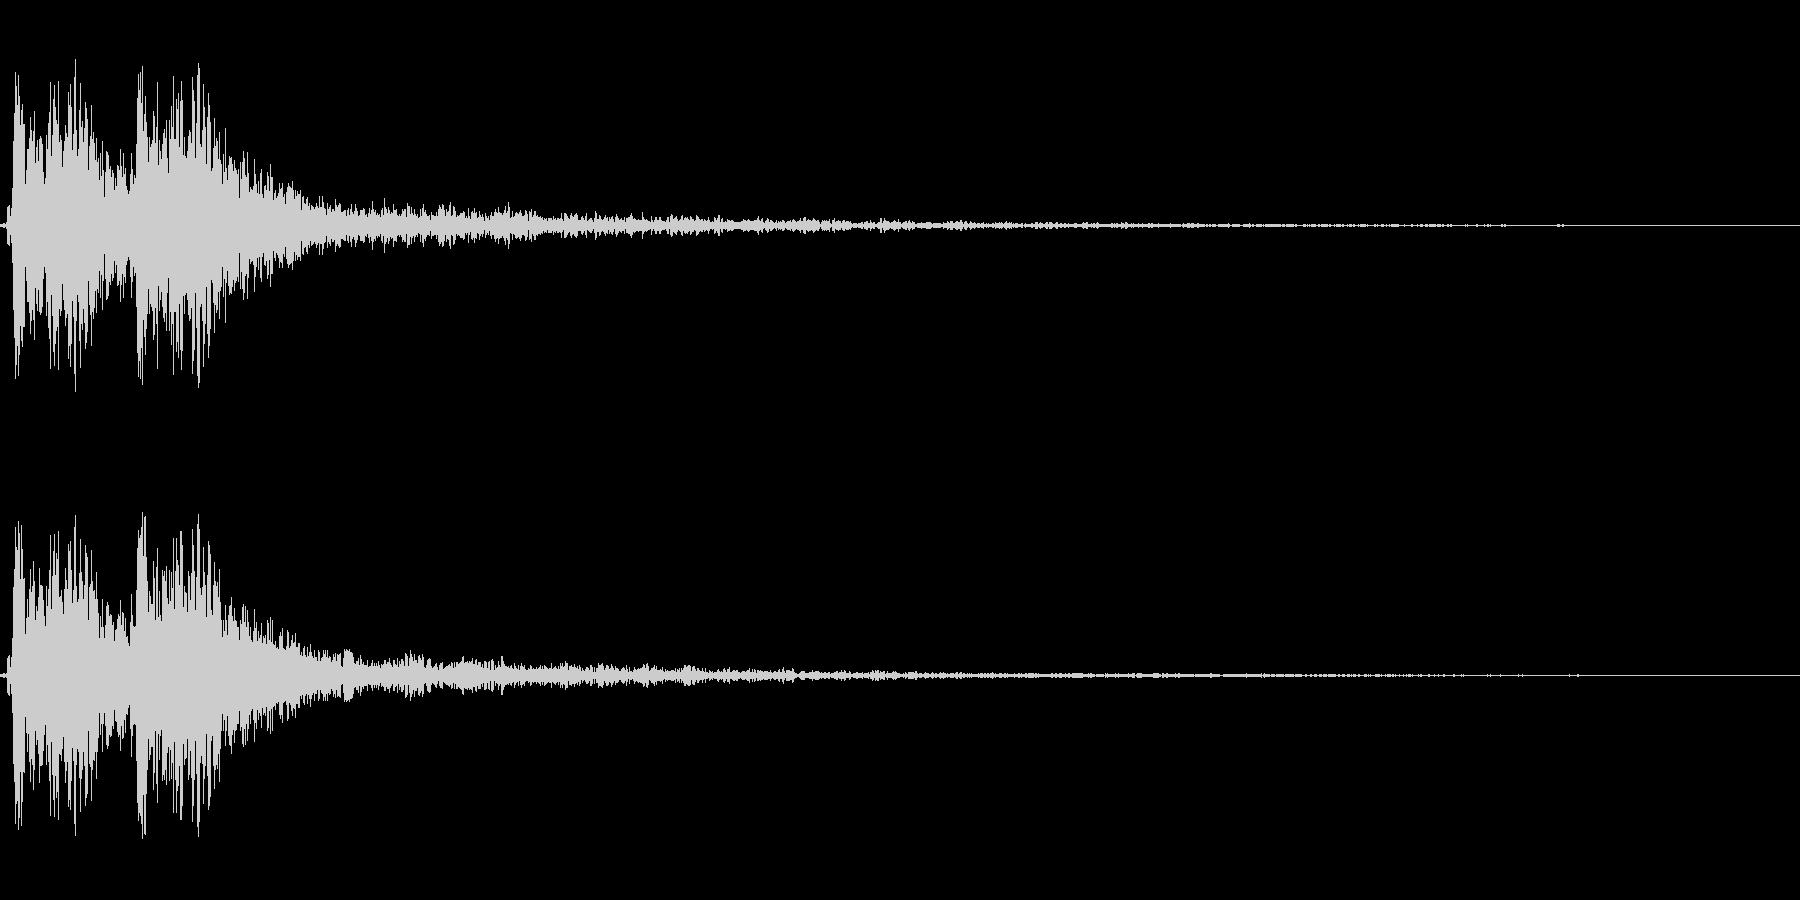 【打撃05-5】の未再生の波形